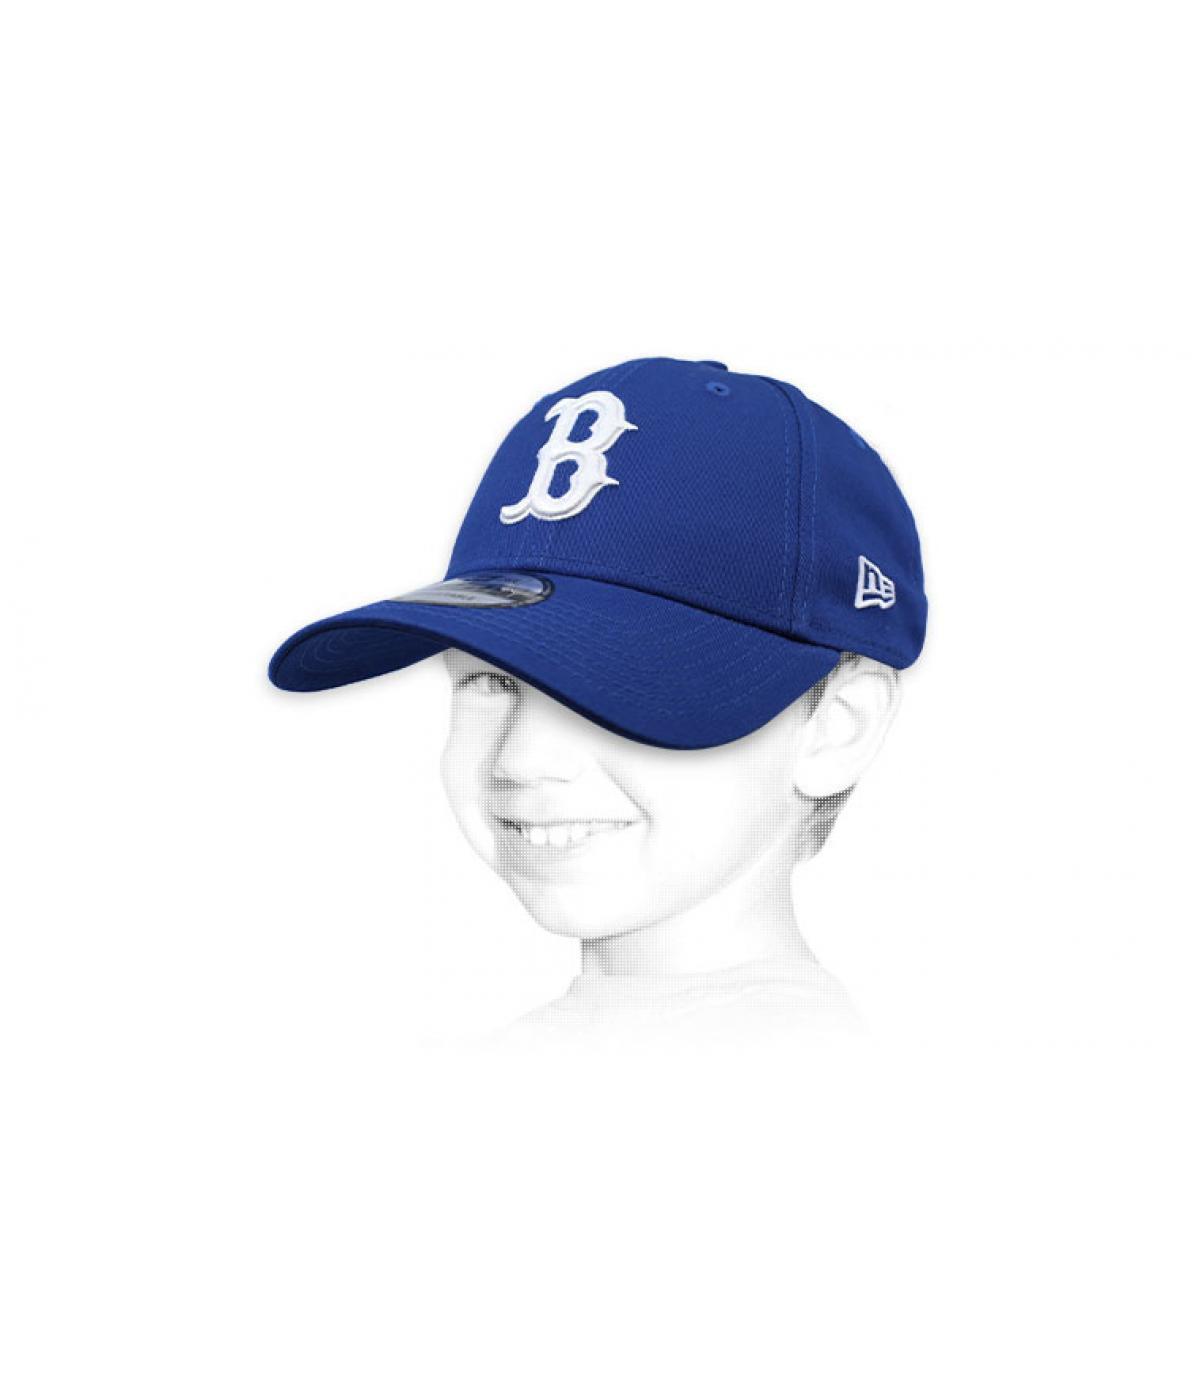 gorra niño B azul